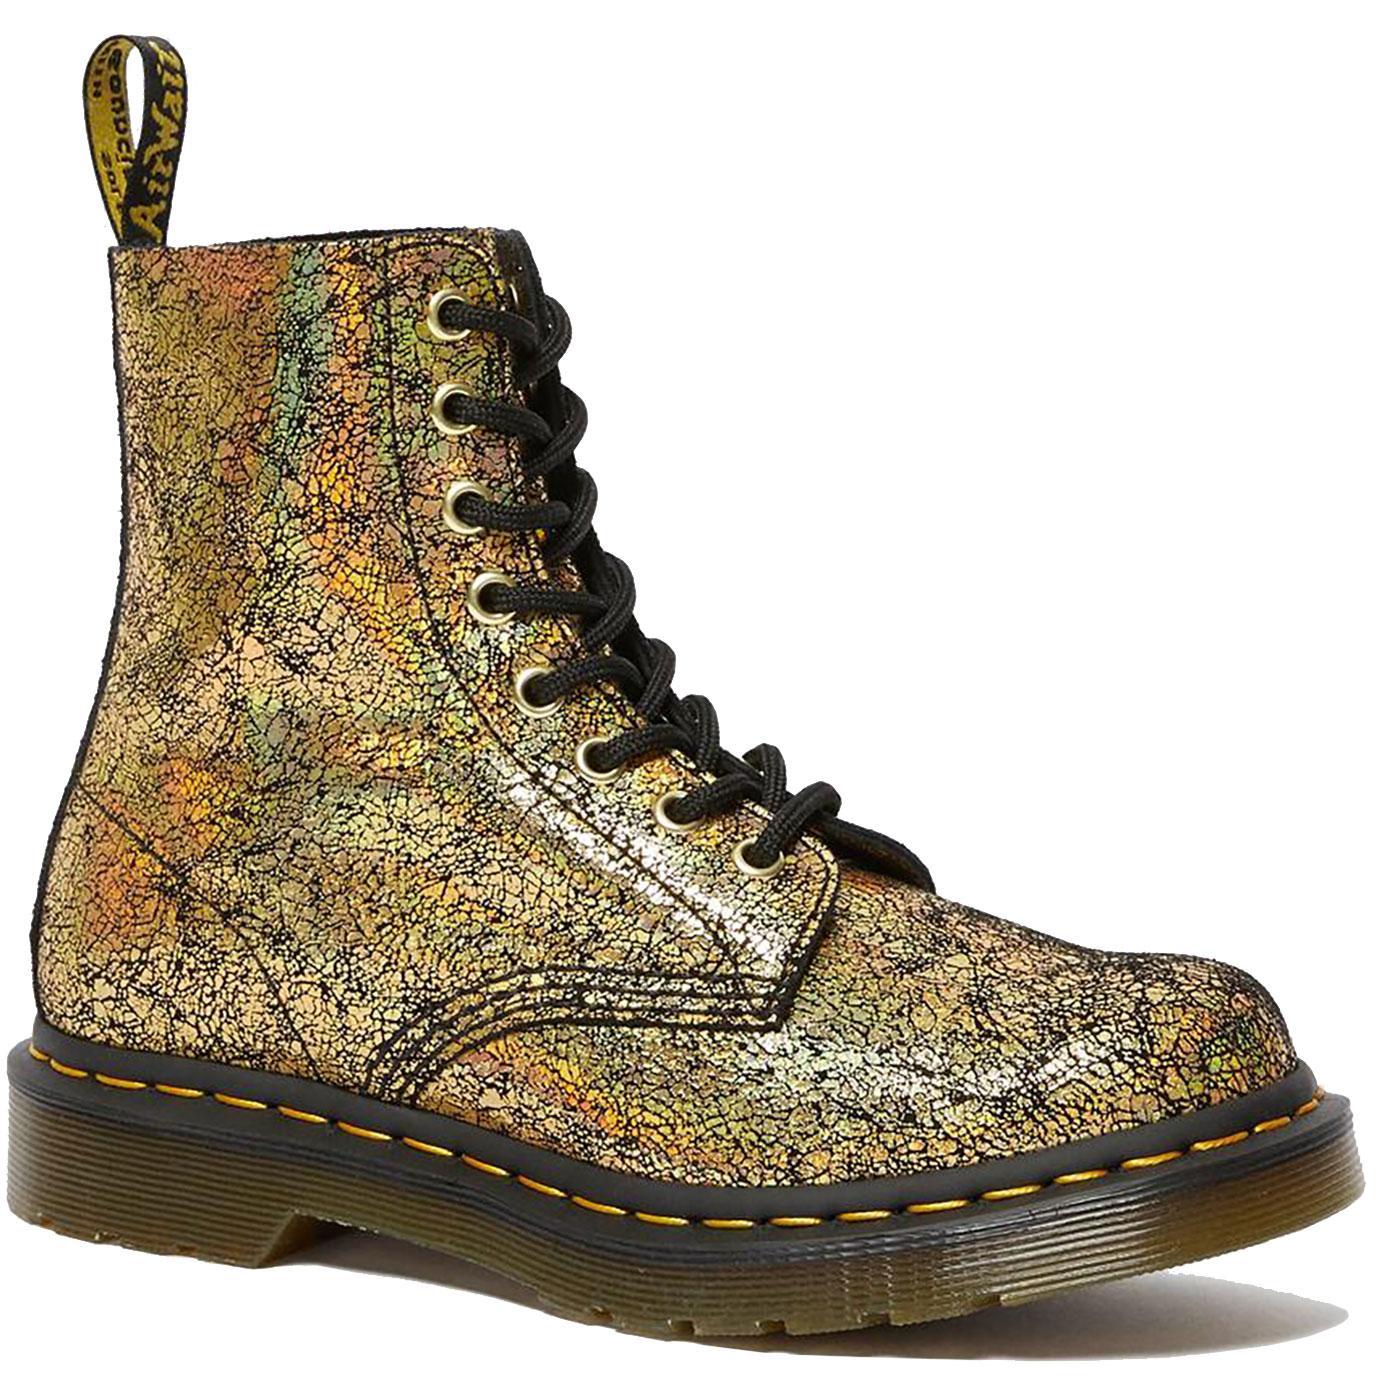 1460 Pascal DR MARTENS Women's Iridescent Boots